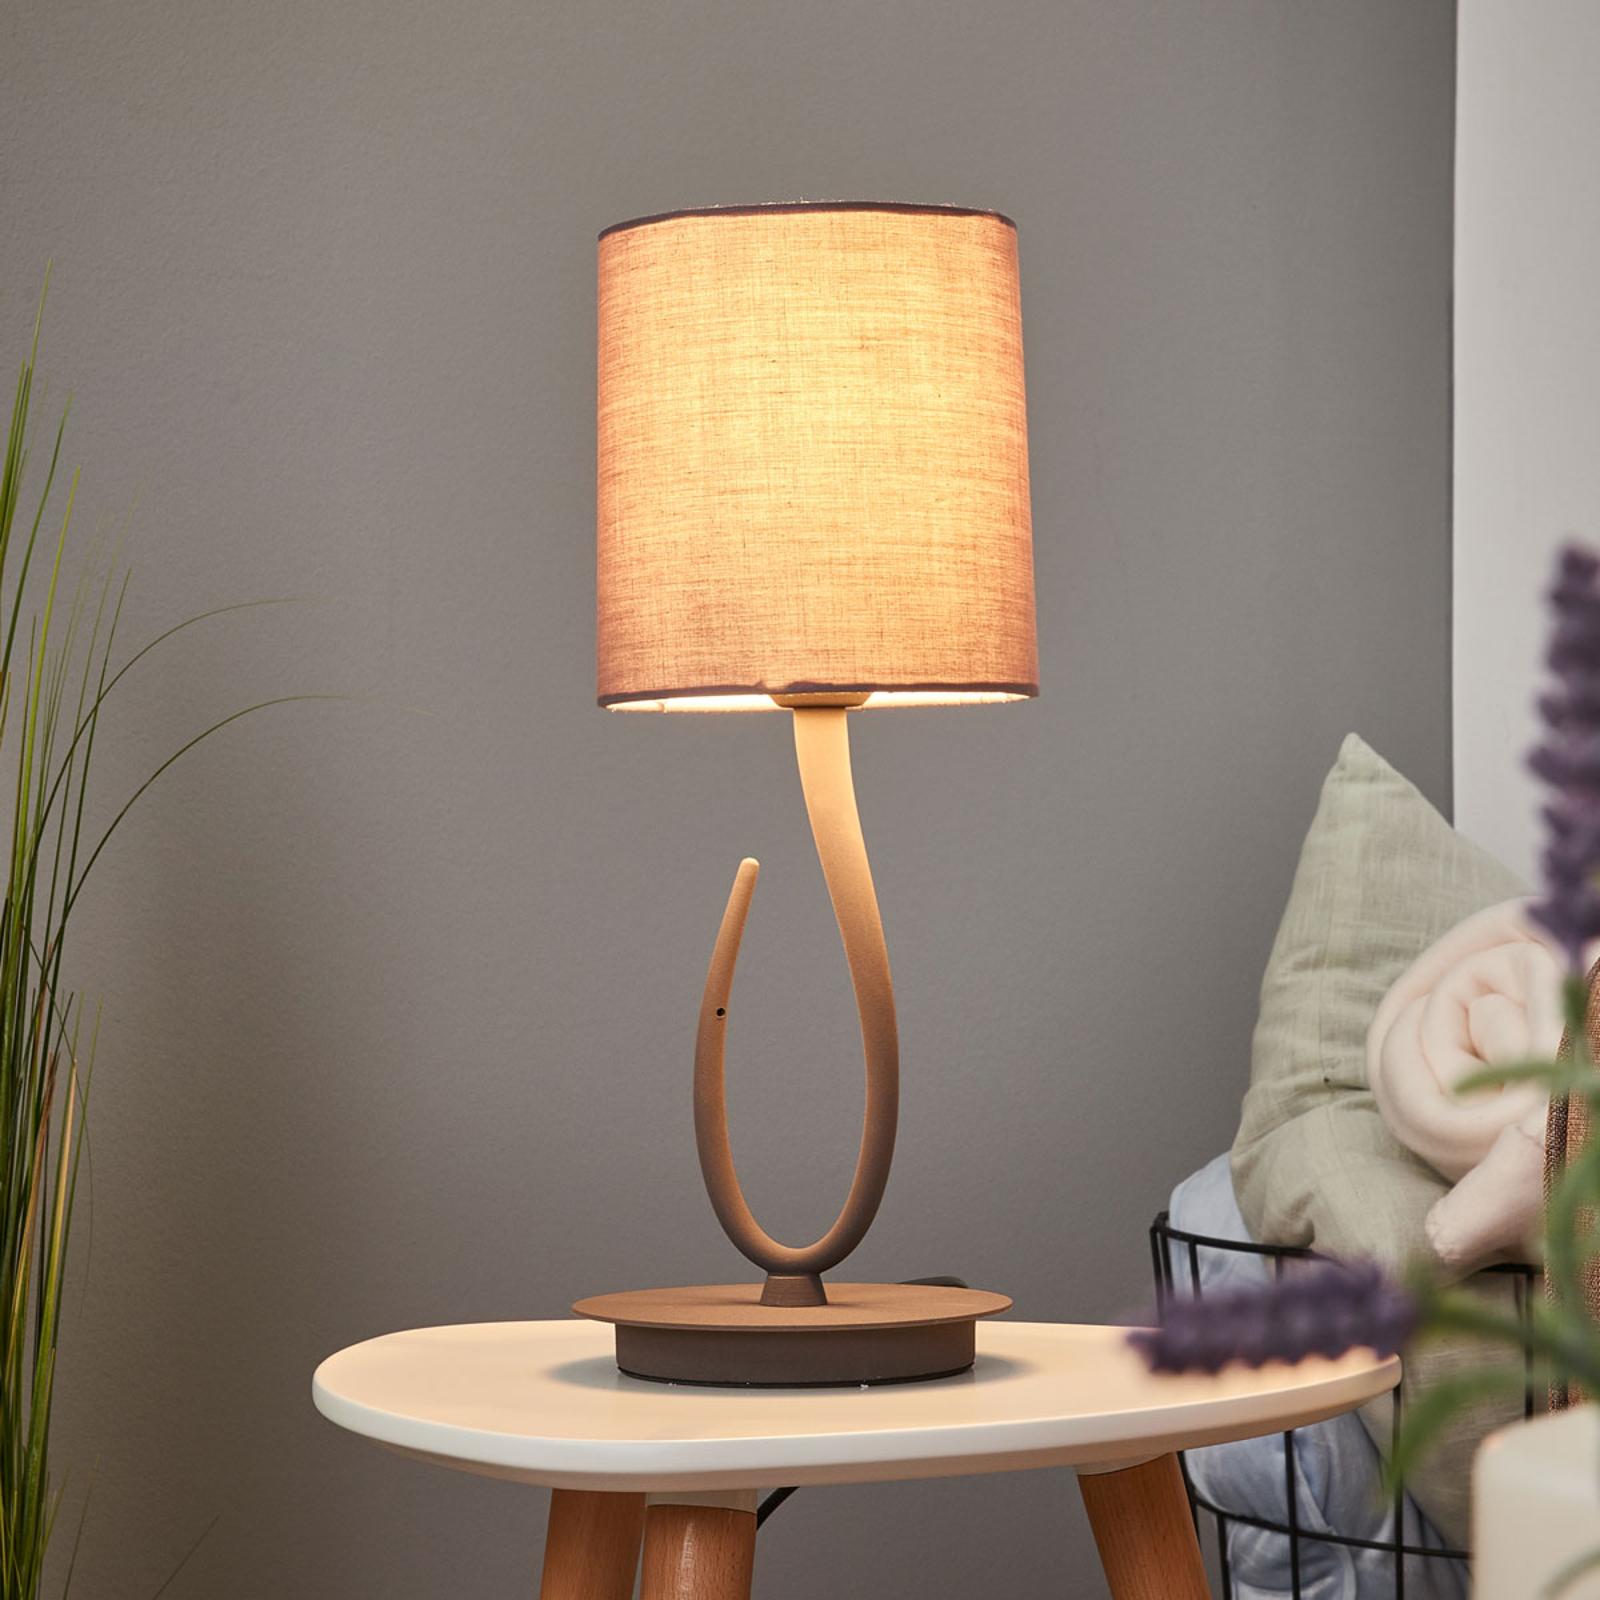 Lampe à poser Lua avec abat-jour en textile, 16 cm